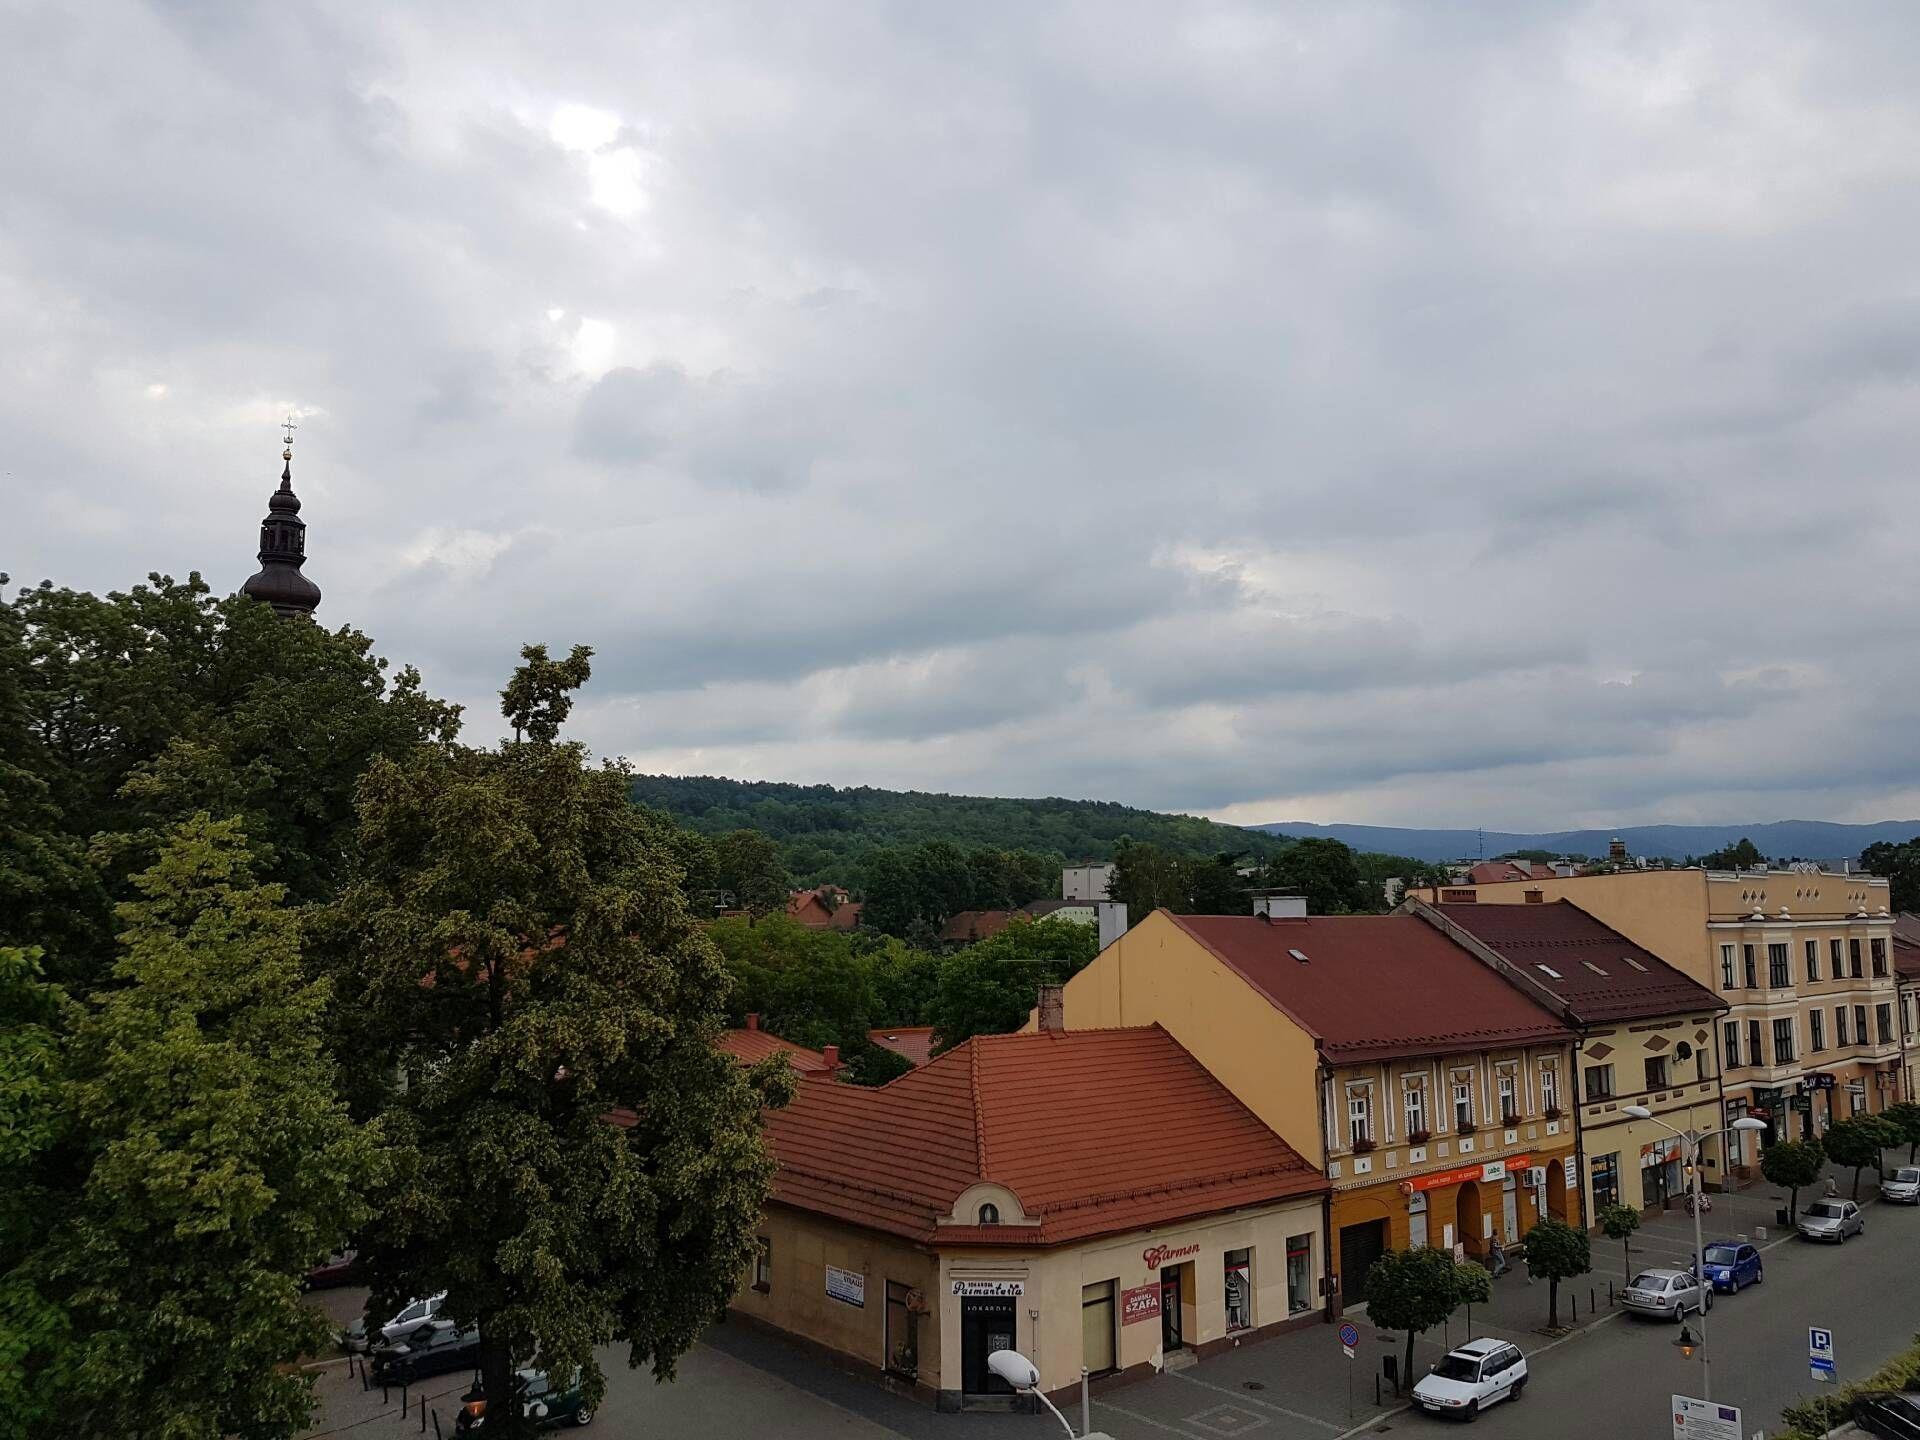 Nowy ranking gmin. Jak wypadły Wadowice, Andrychów, Kęty, Zator, Kalwaria?